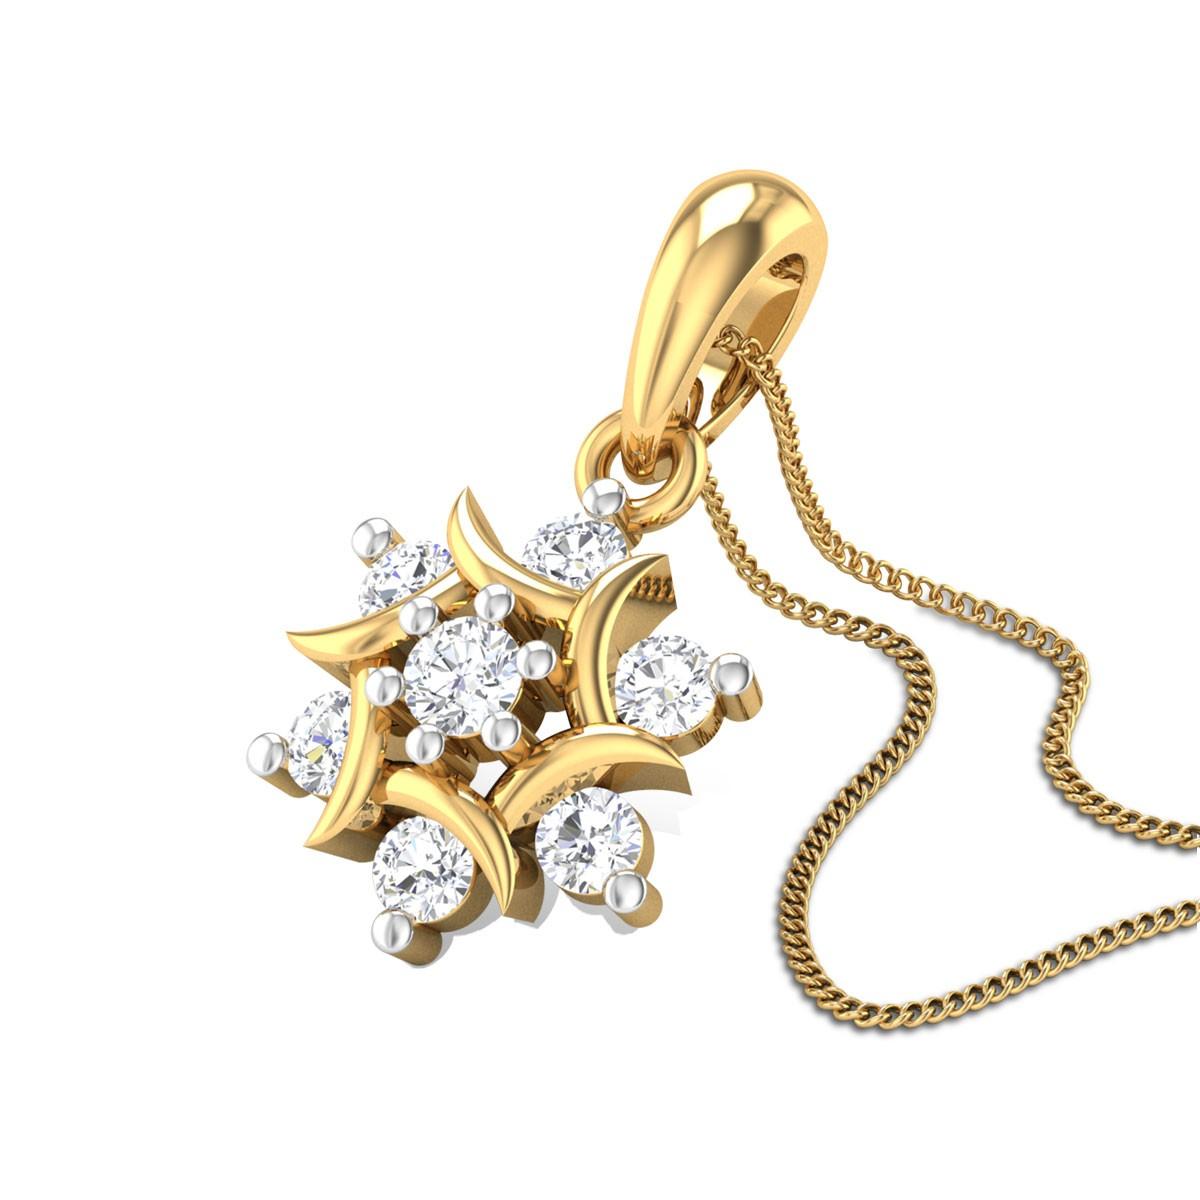 Cherokee rose Diamond Pendant